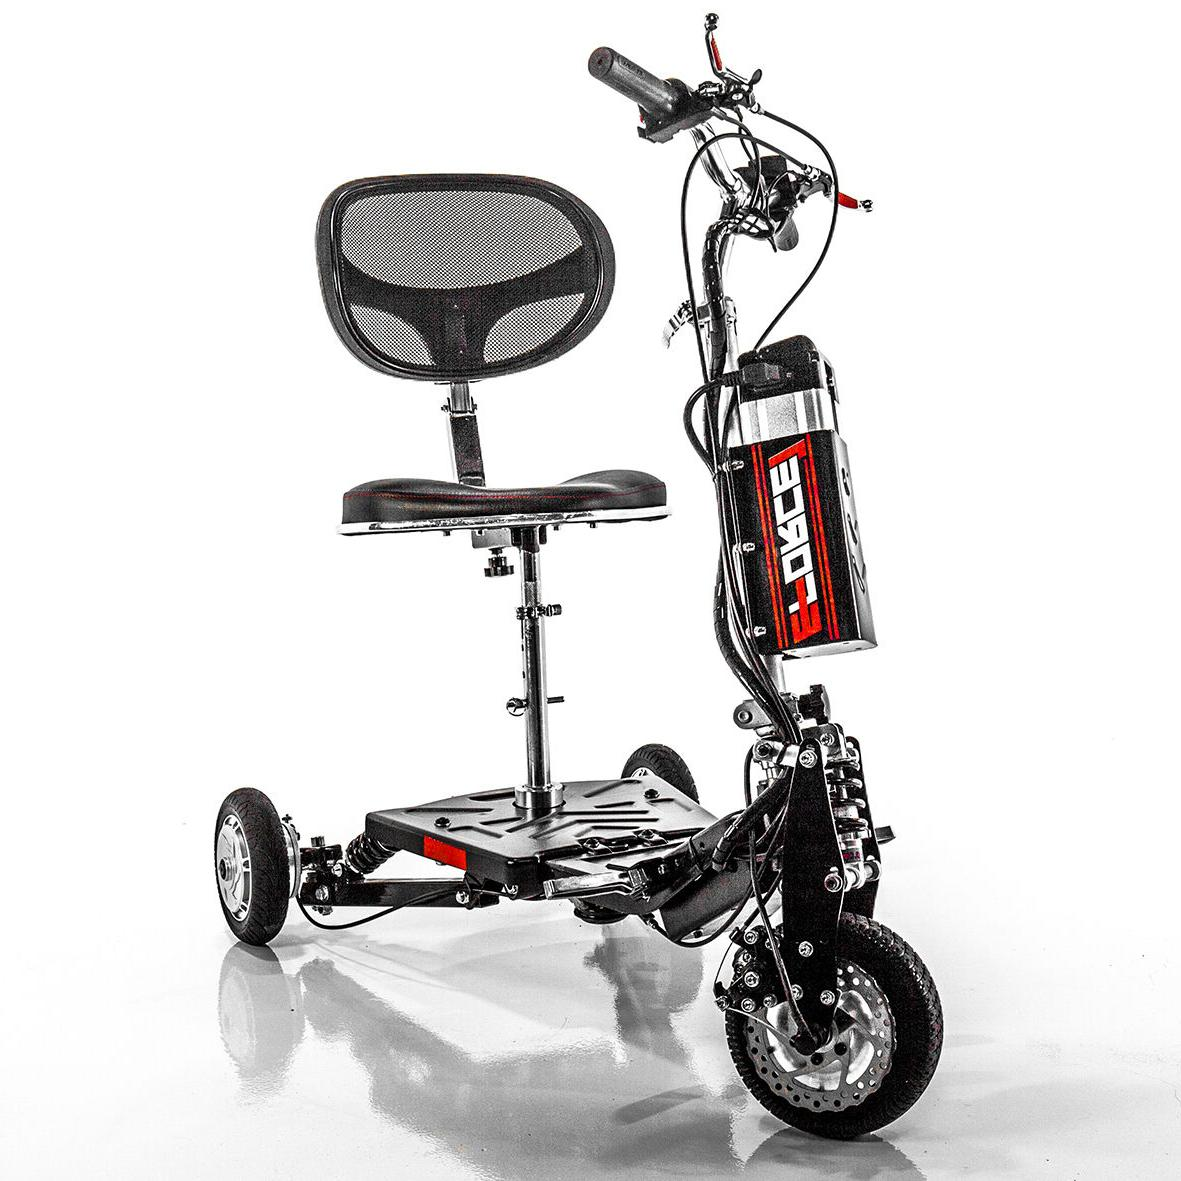 EFORCE1 Portable Electric Scooter J36V - EWHEELS